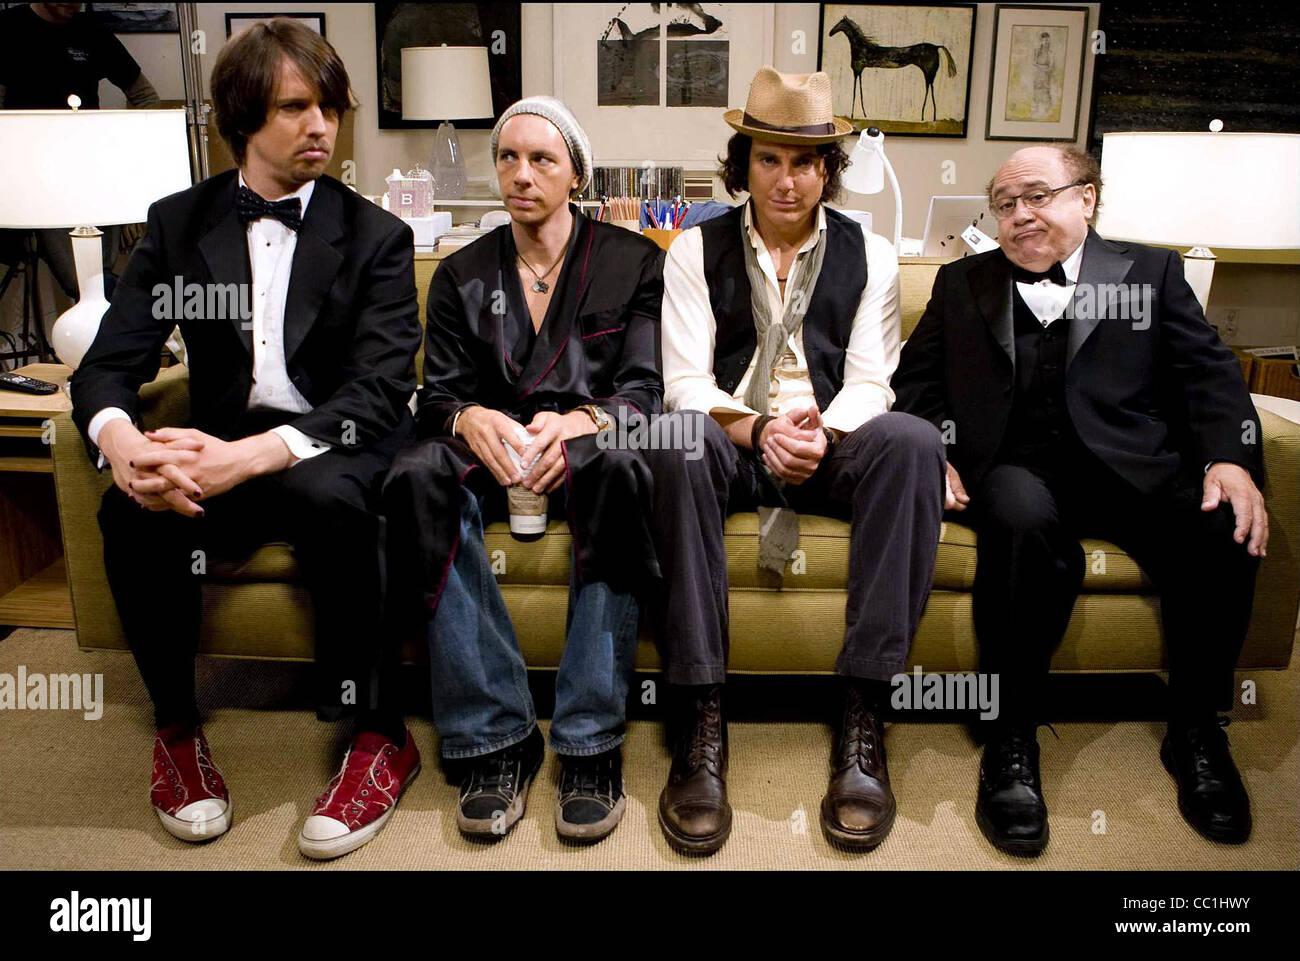 HEDER,SHEPARD,ARNET,DEVITO, CUANDO EN ROMA, 2010 Foto de stock